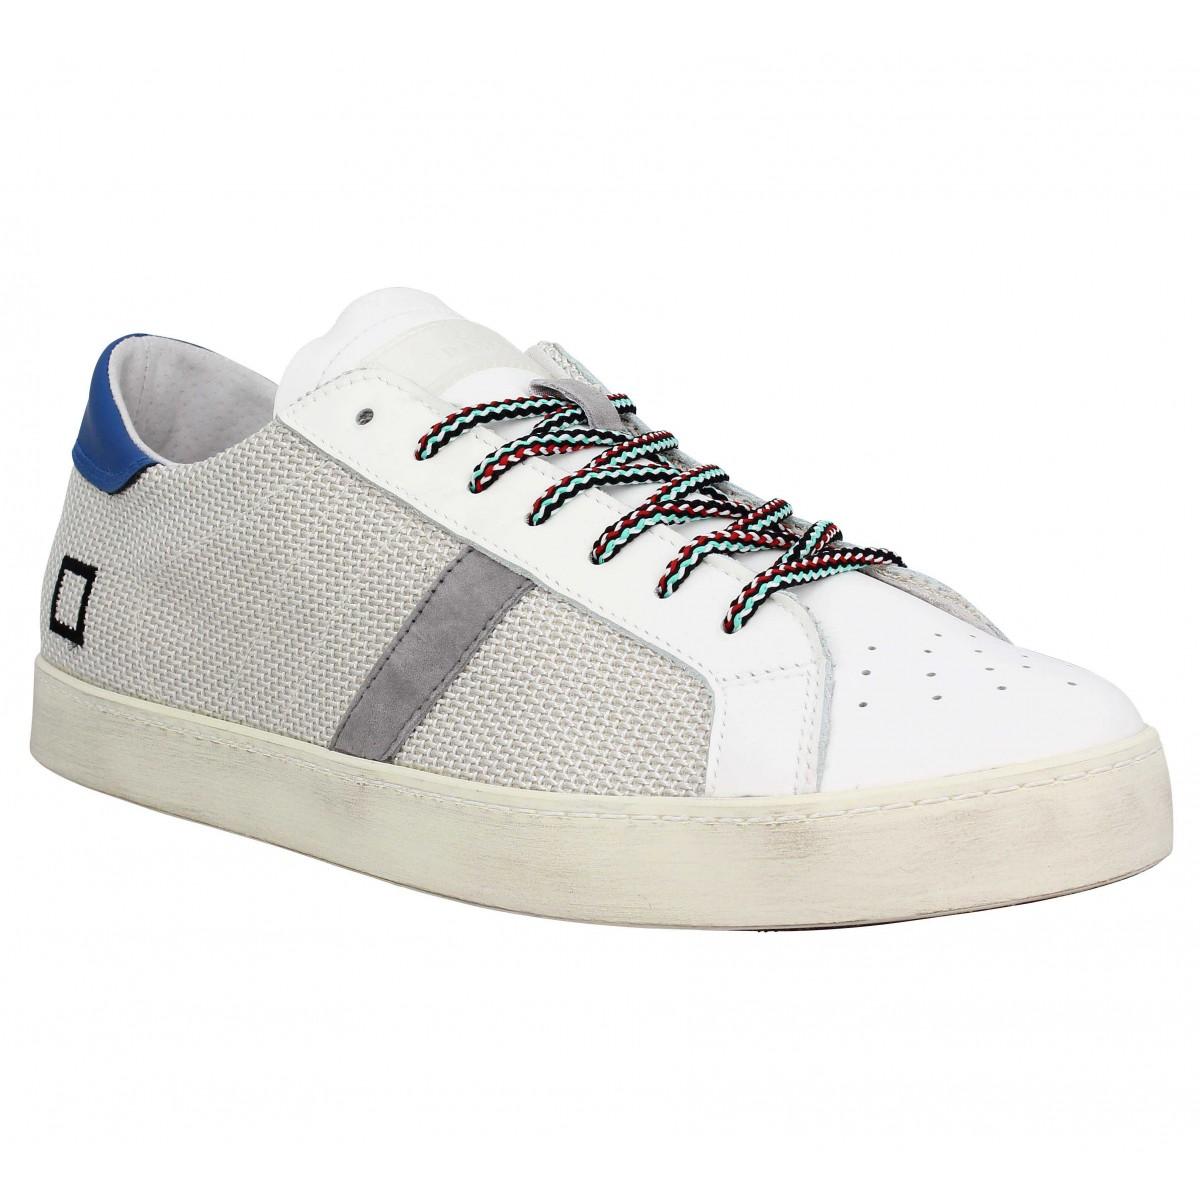 Baskets D.A.T.E Hill Low toile Homme Blanc Bleu